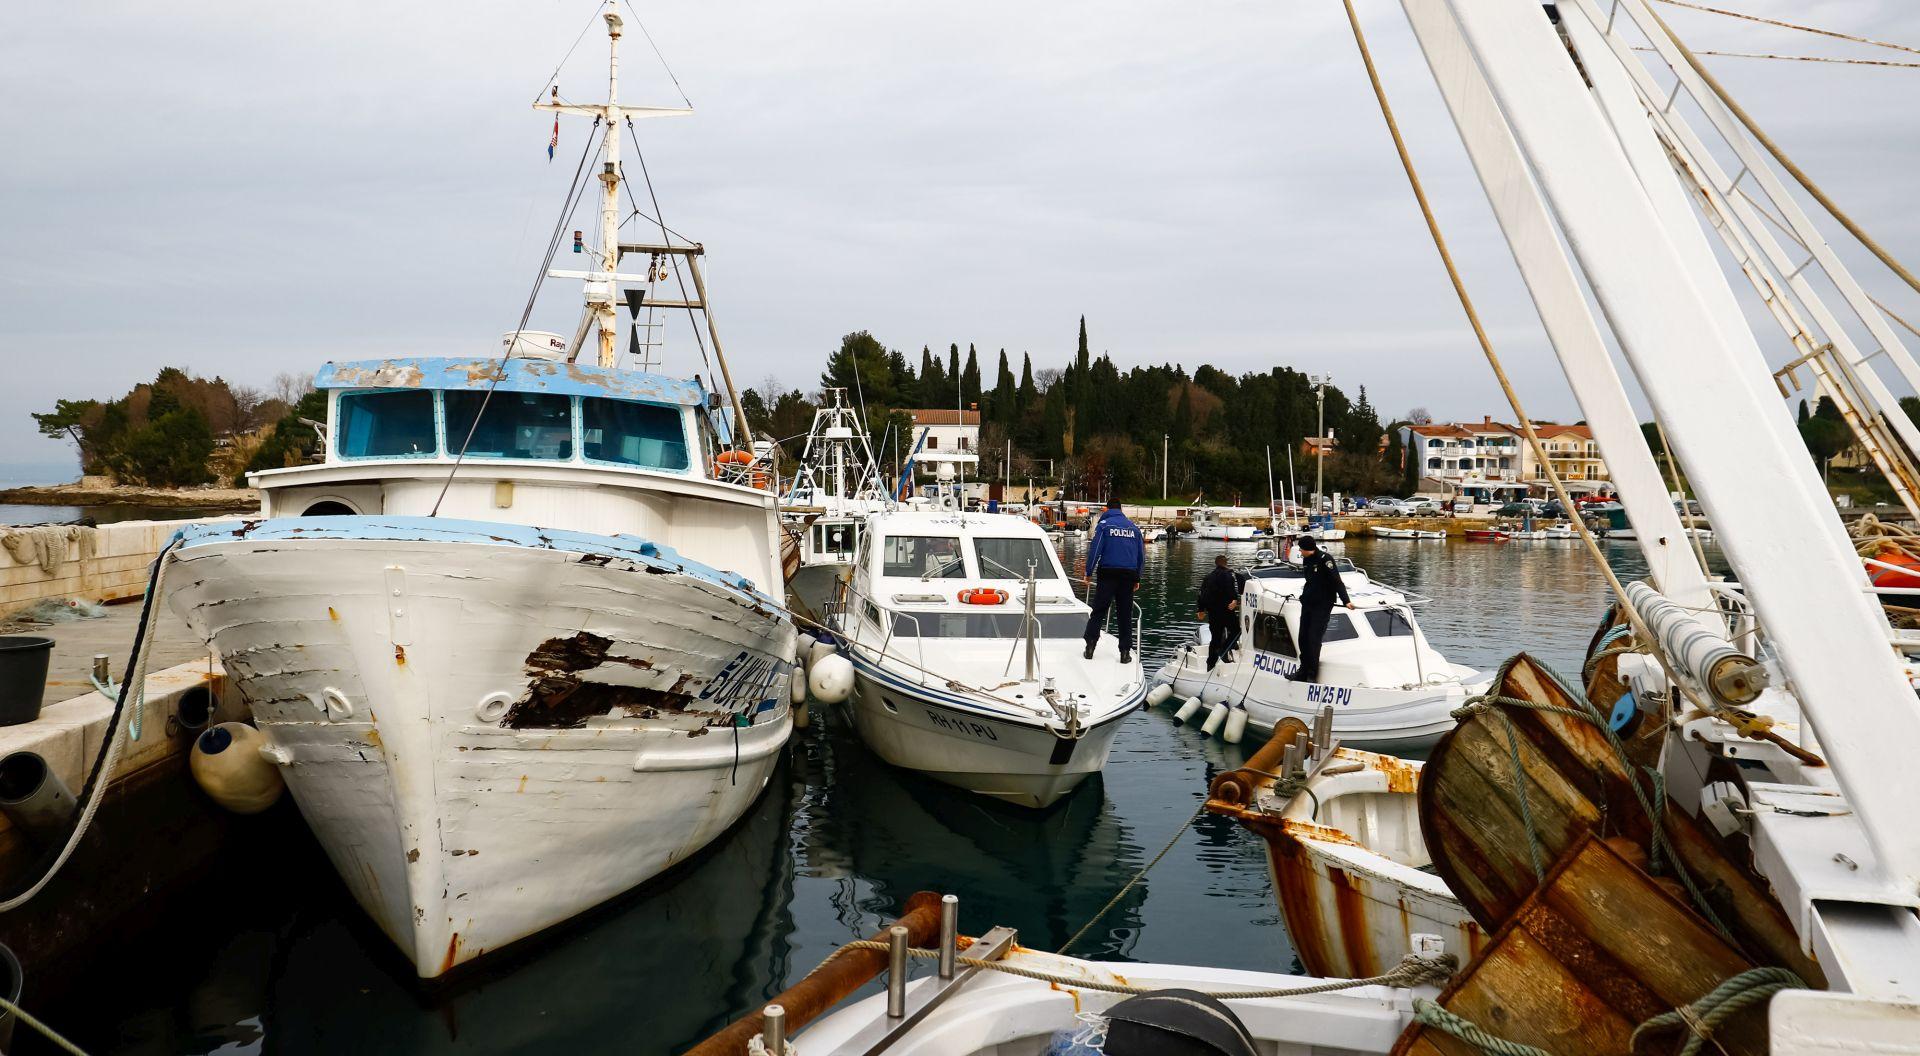 Zabrinuti ribar: Kazne su minimalno 500 eura, ne znam je li dnevno ili sve zajedno